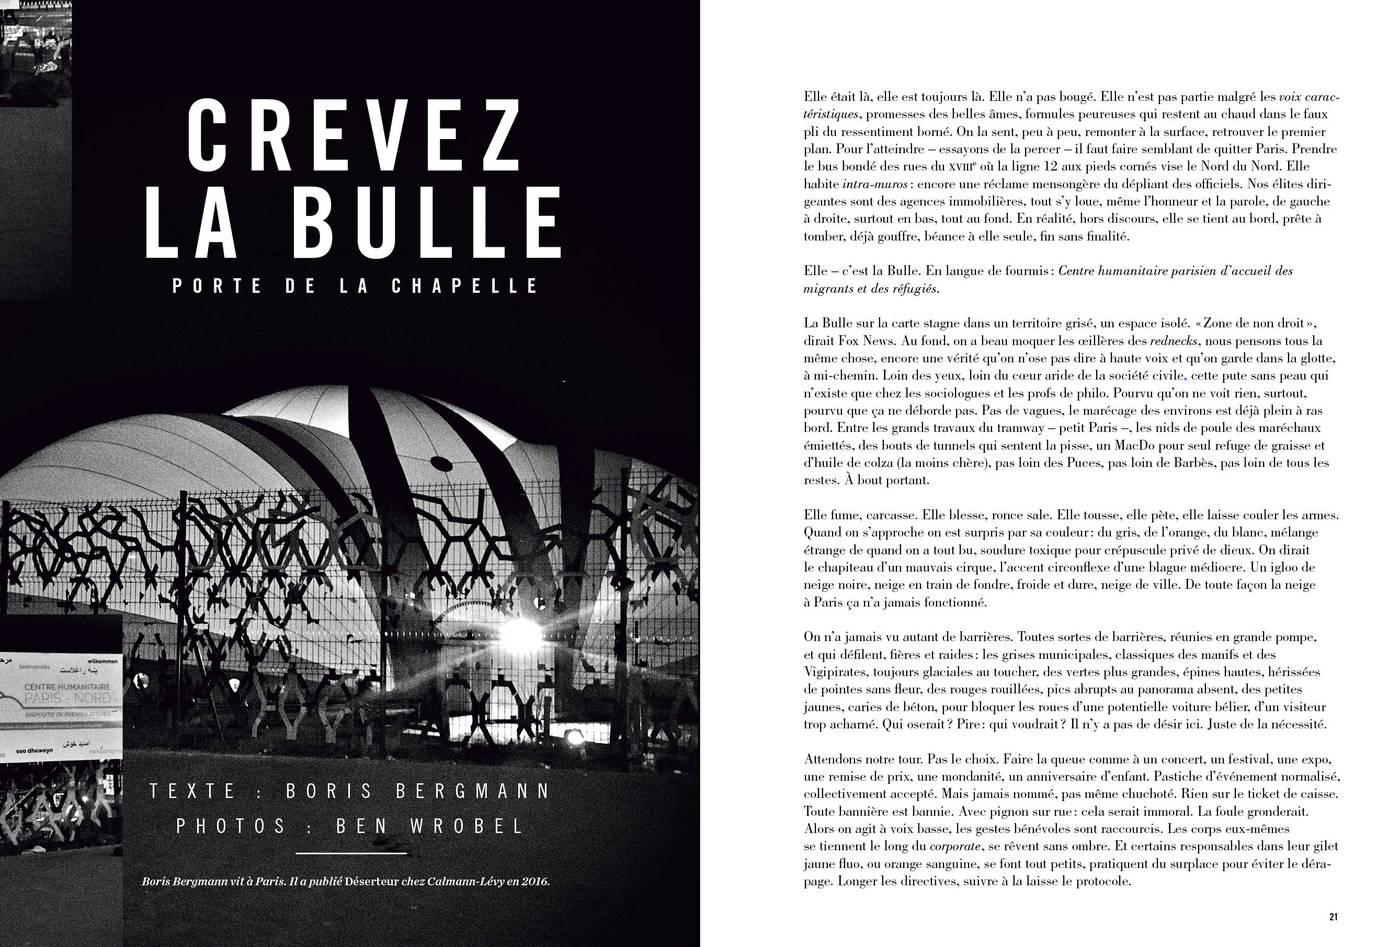 Texte de Boris Bergmann et photographies de Ben Wrobel, Crevez la bulle